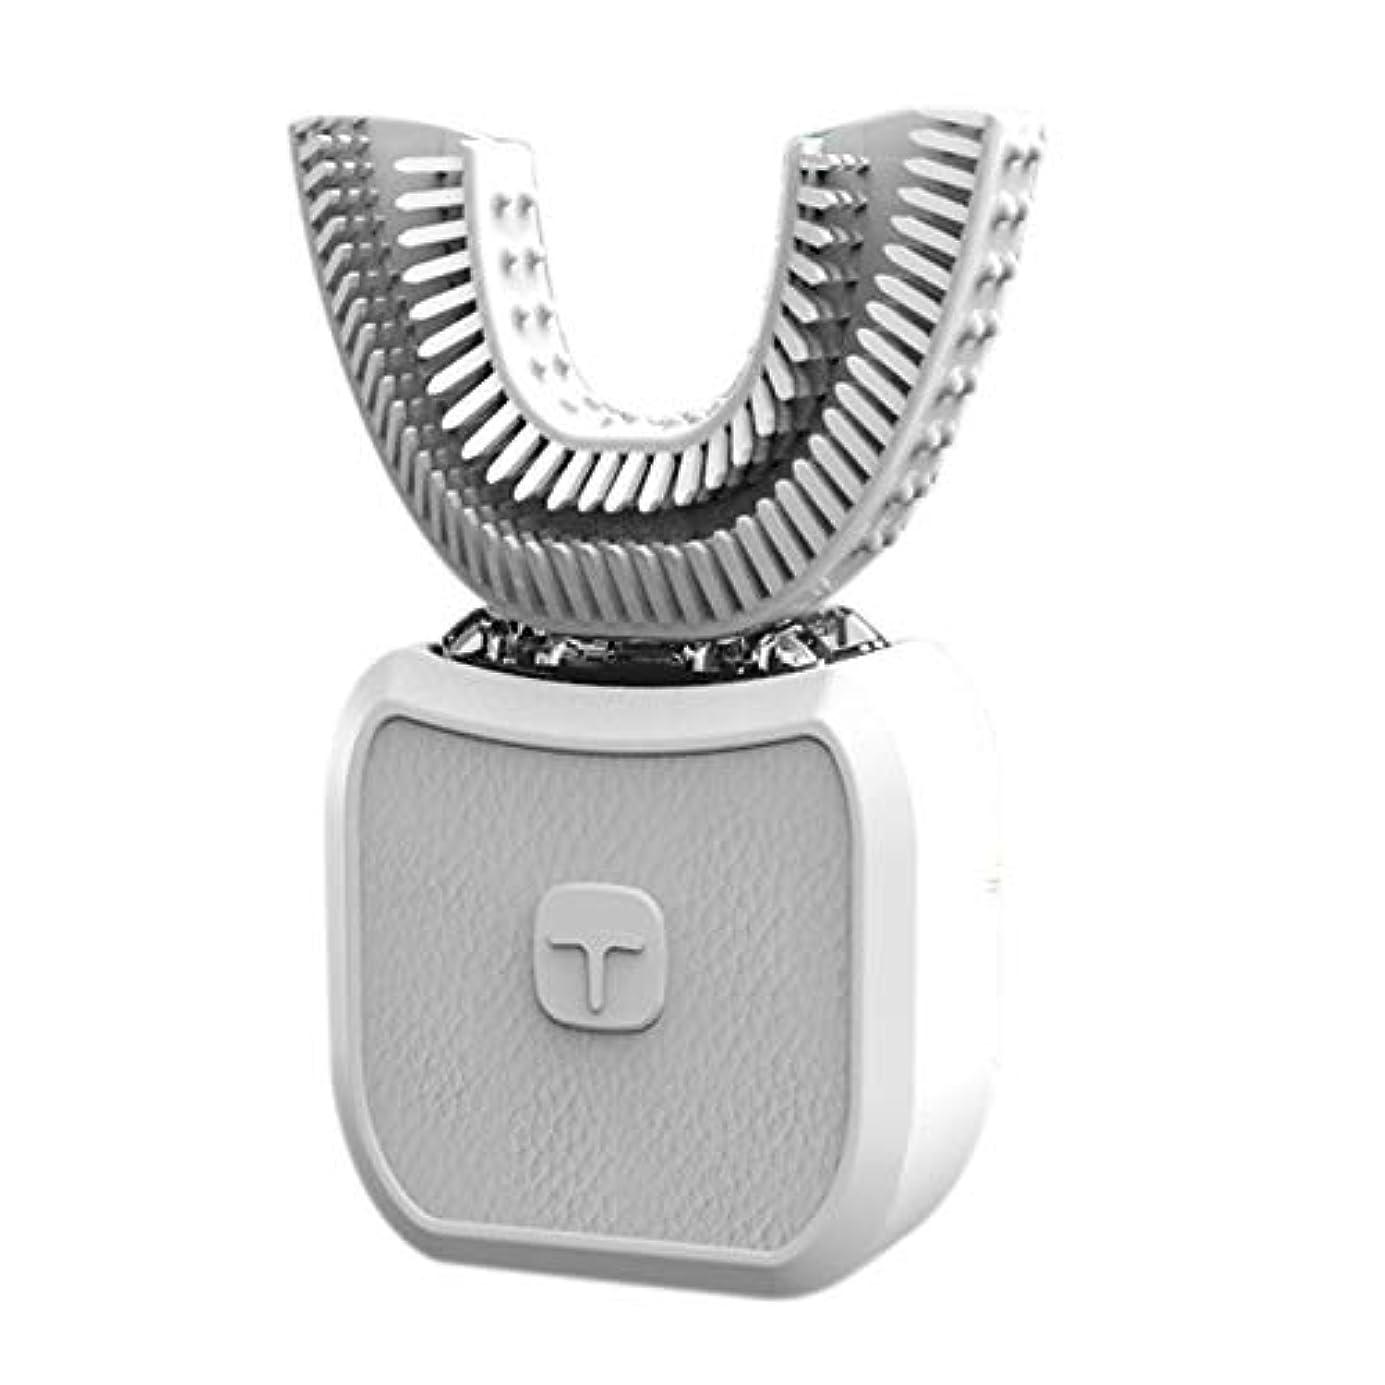 第五ワイドデクリメントフルオートマチック可変周波数電動歯ブラシ、自動360度U字型電動歯ブラシ、ワイヤレス充電IPX7防水自動歯ブラシ(大人用),White